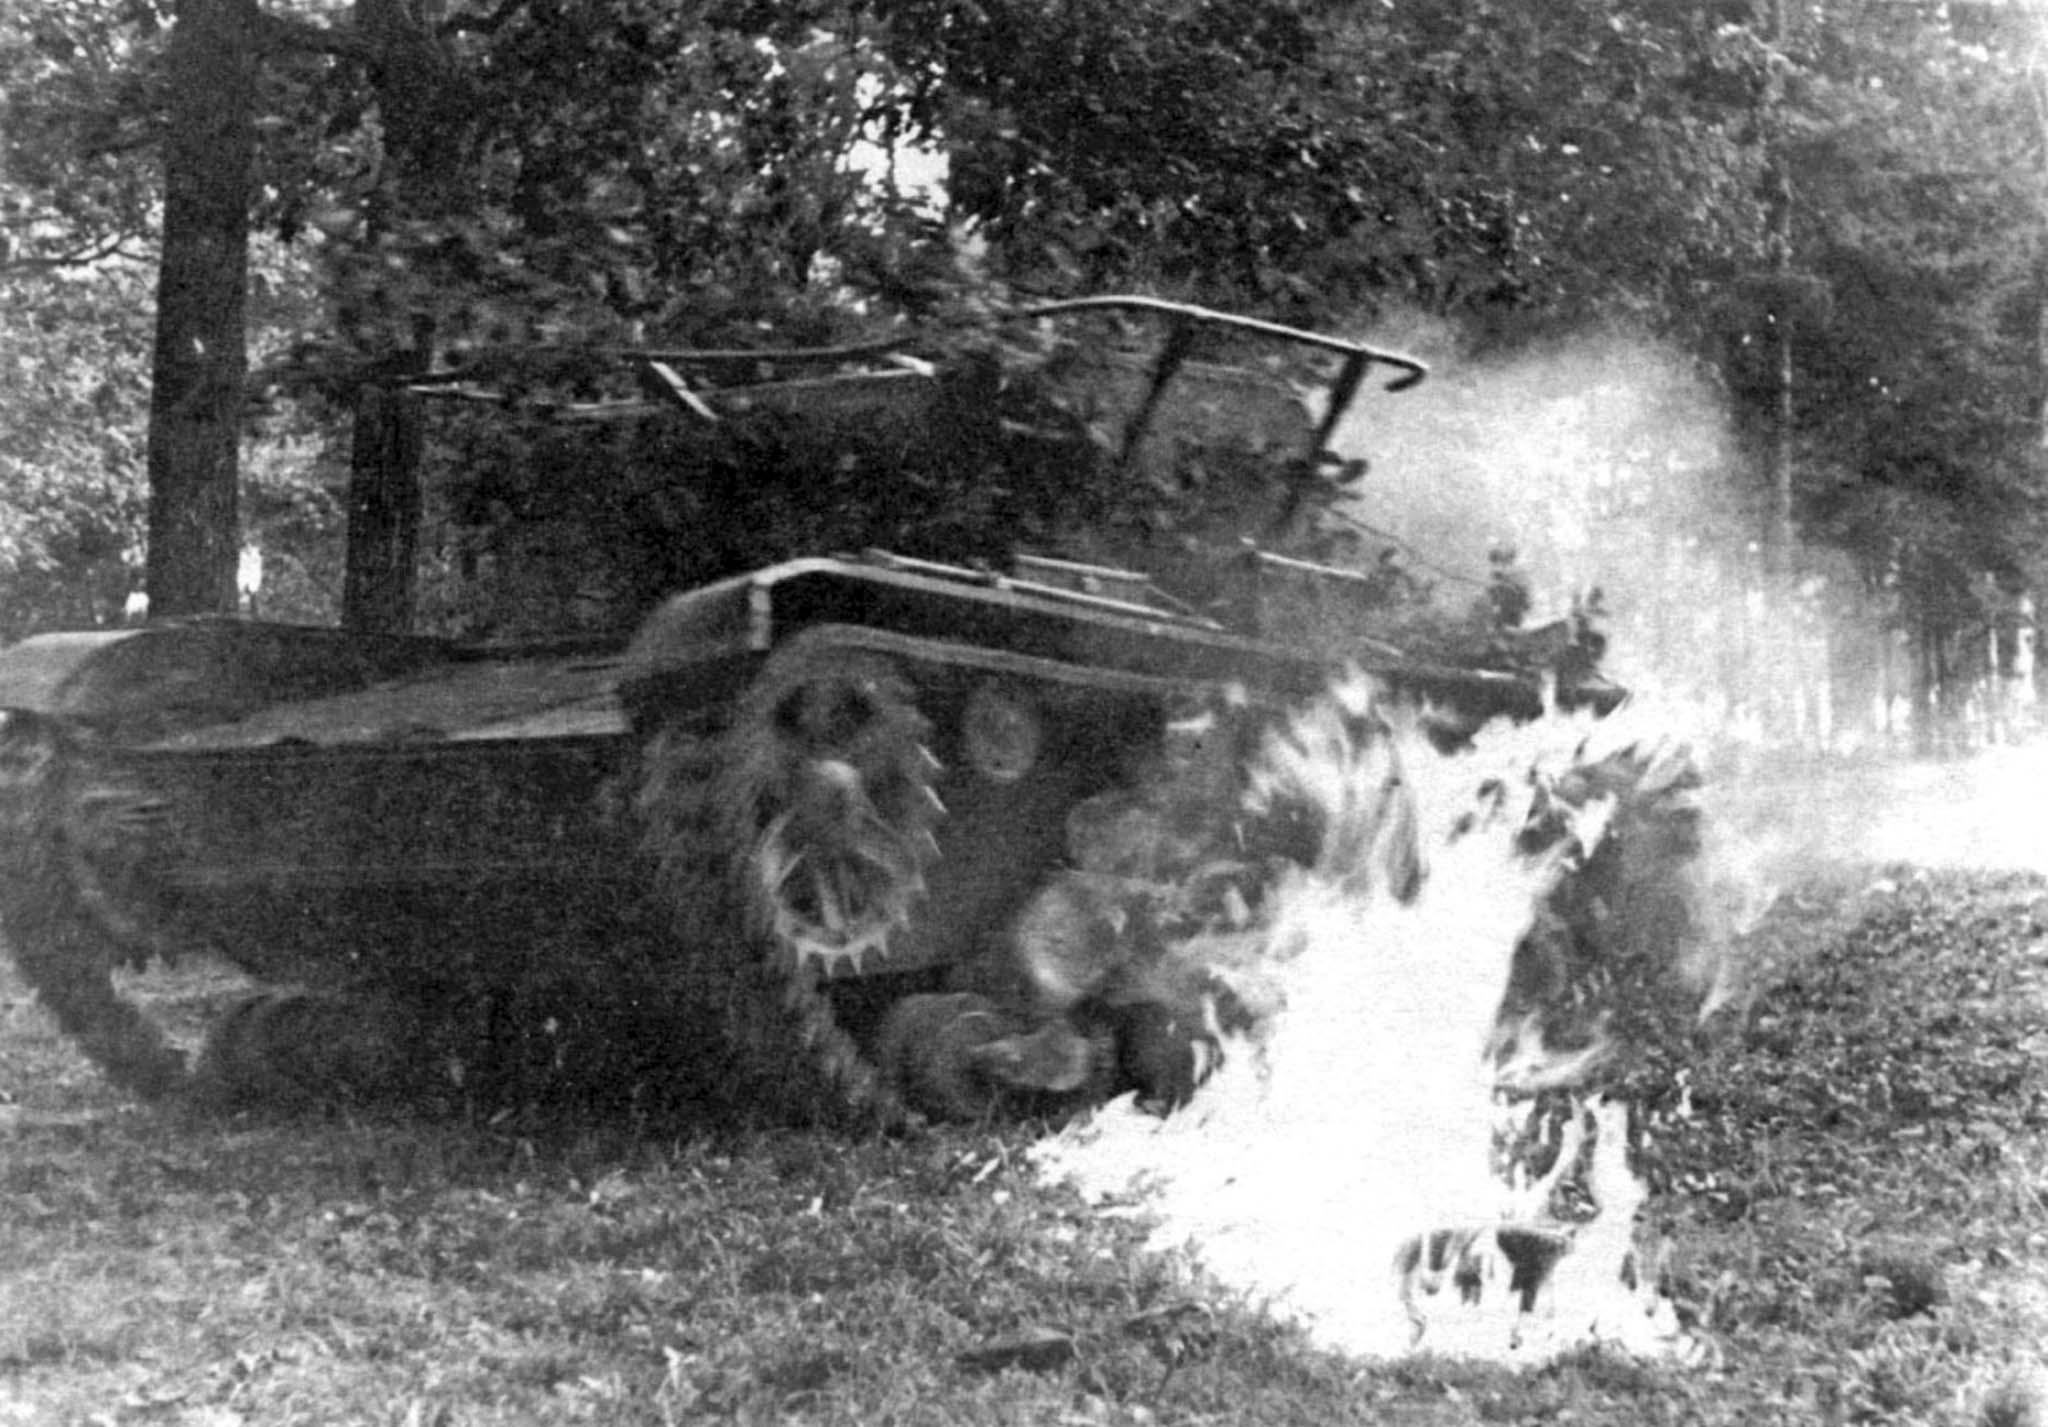 T-26TU